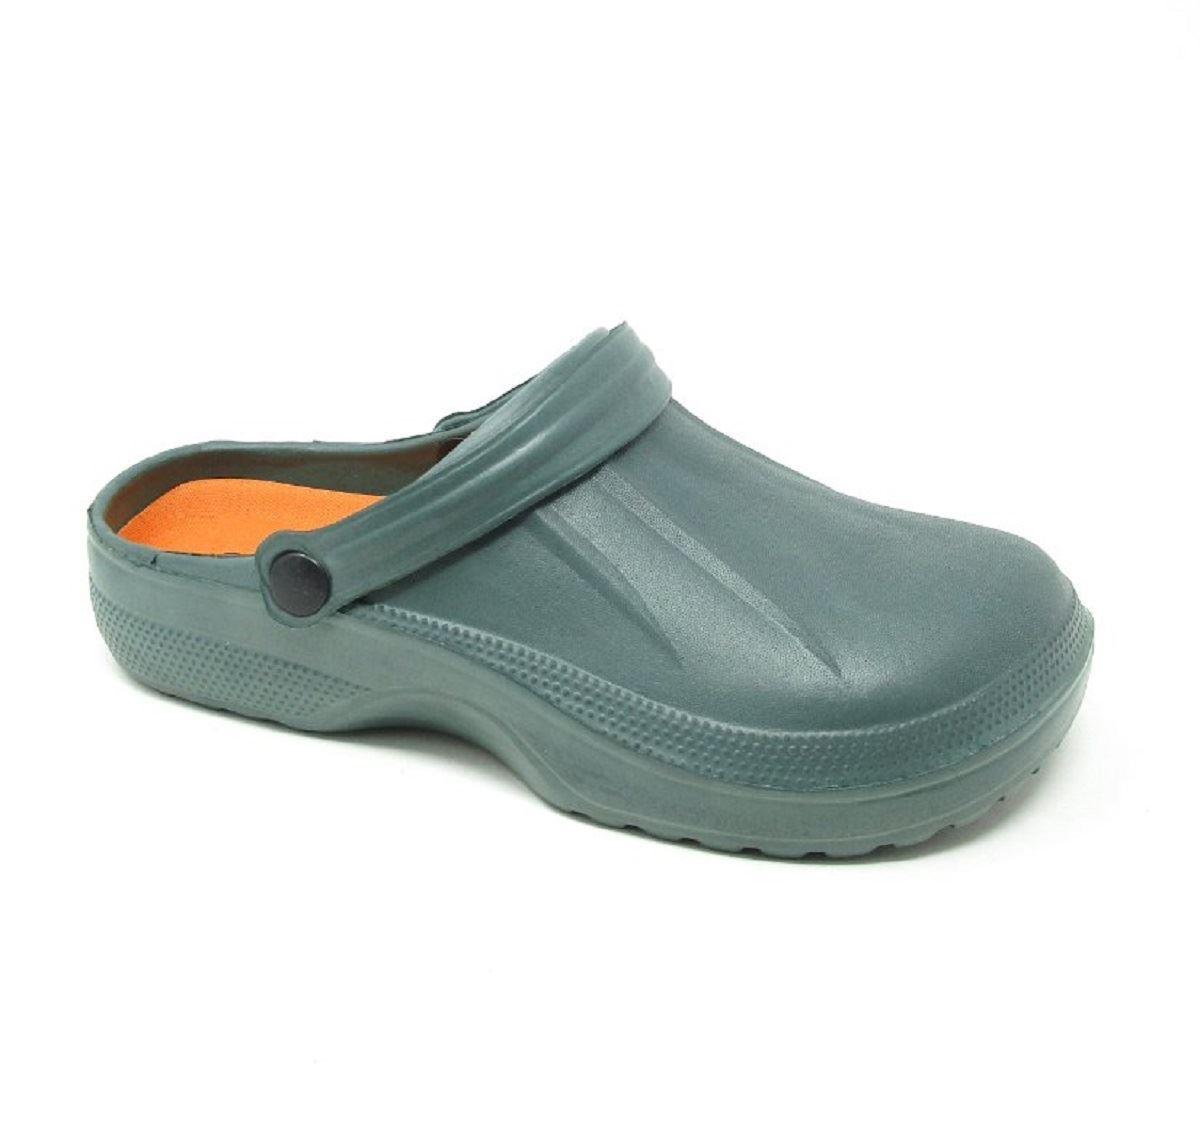 Womens-Clogs-Mules-Slipper-Nursing-Garden-Beach-Sandals-Hospital-Rubber-Shoes miniatura 17